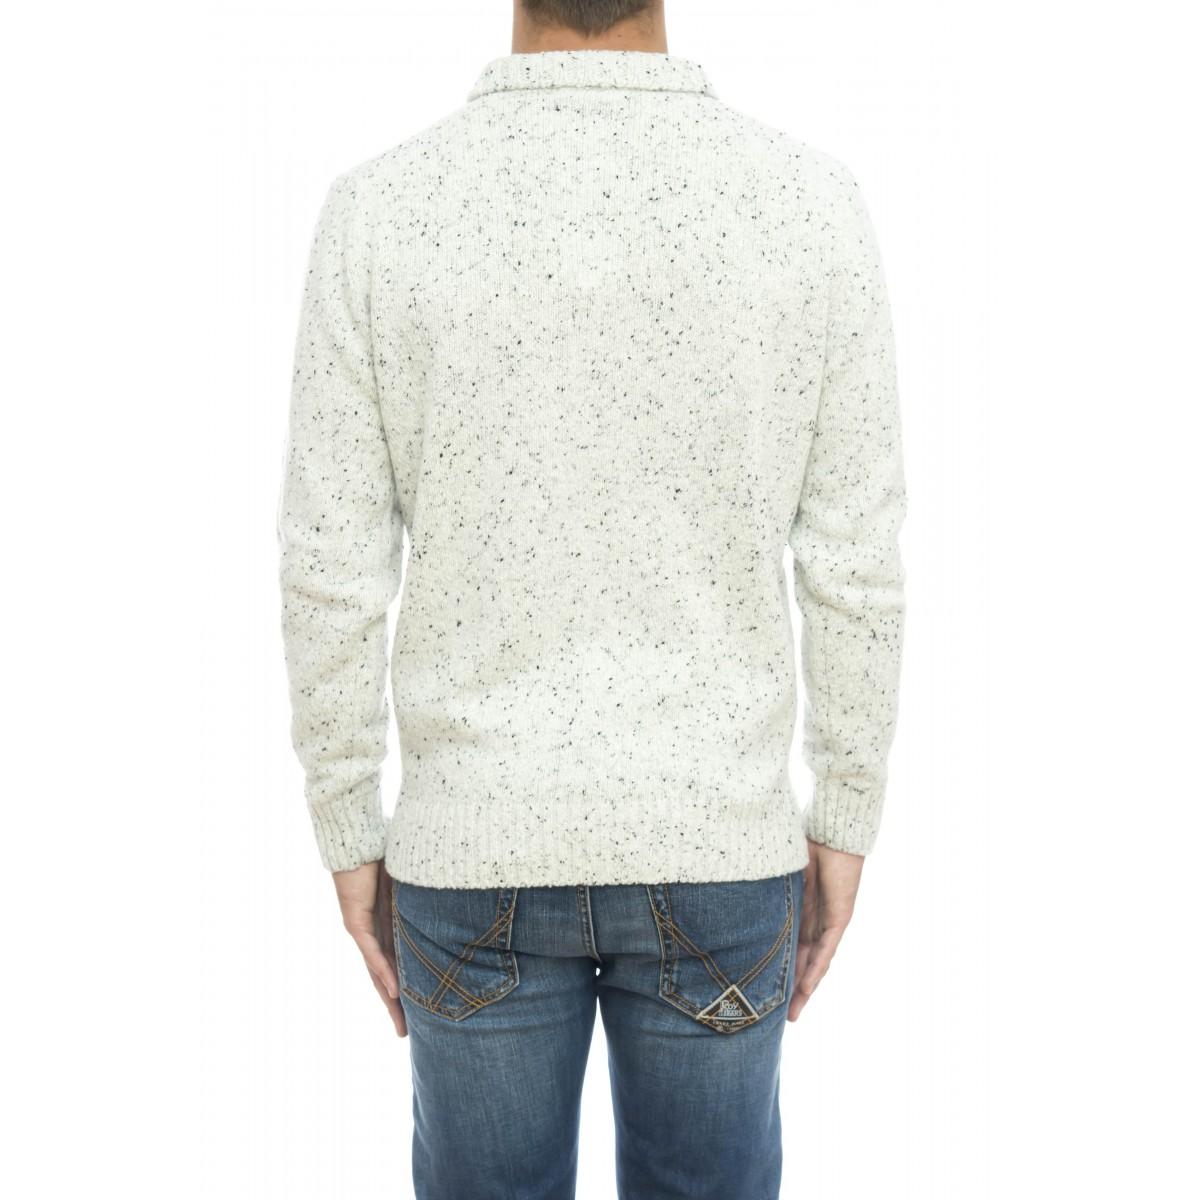 Maglia uomo - 8221/61 maglia lavorata nickerbocker con bottoni